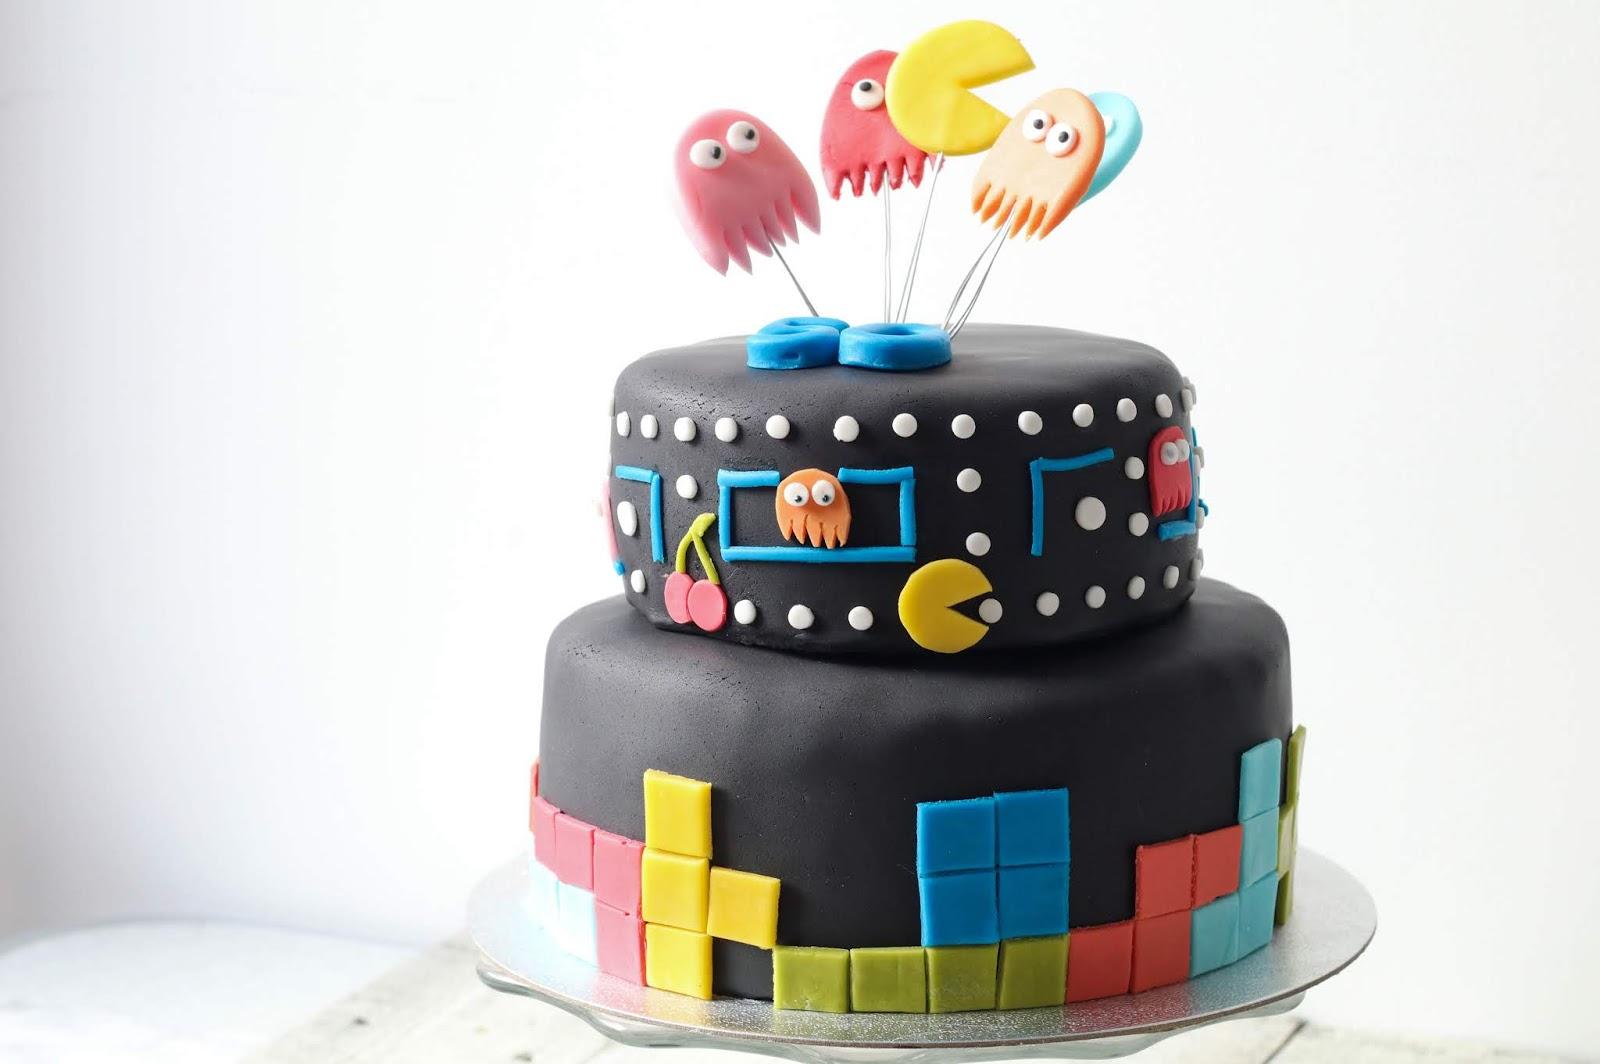 Recette d'un gâteau d'anniversaire au chocolat et à la cacahuète en pâte à sucre sur le thème de l'arcade